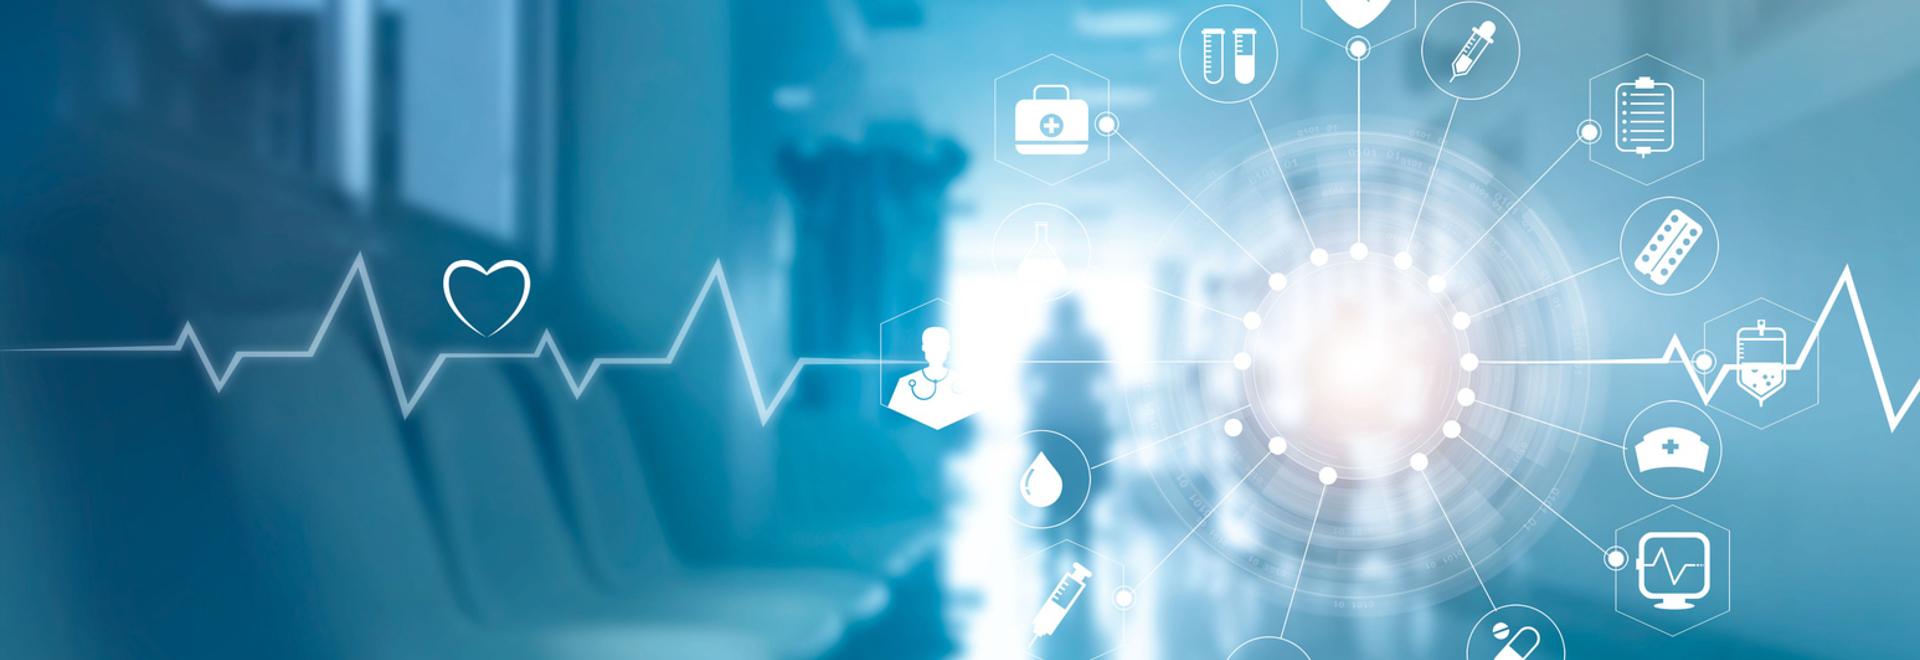 Warum Krankenhäuser Datenlogger brauchen